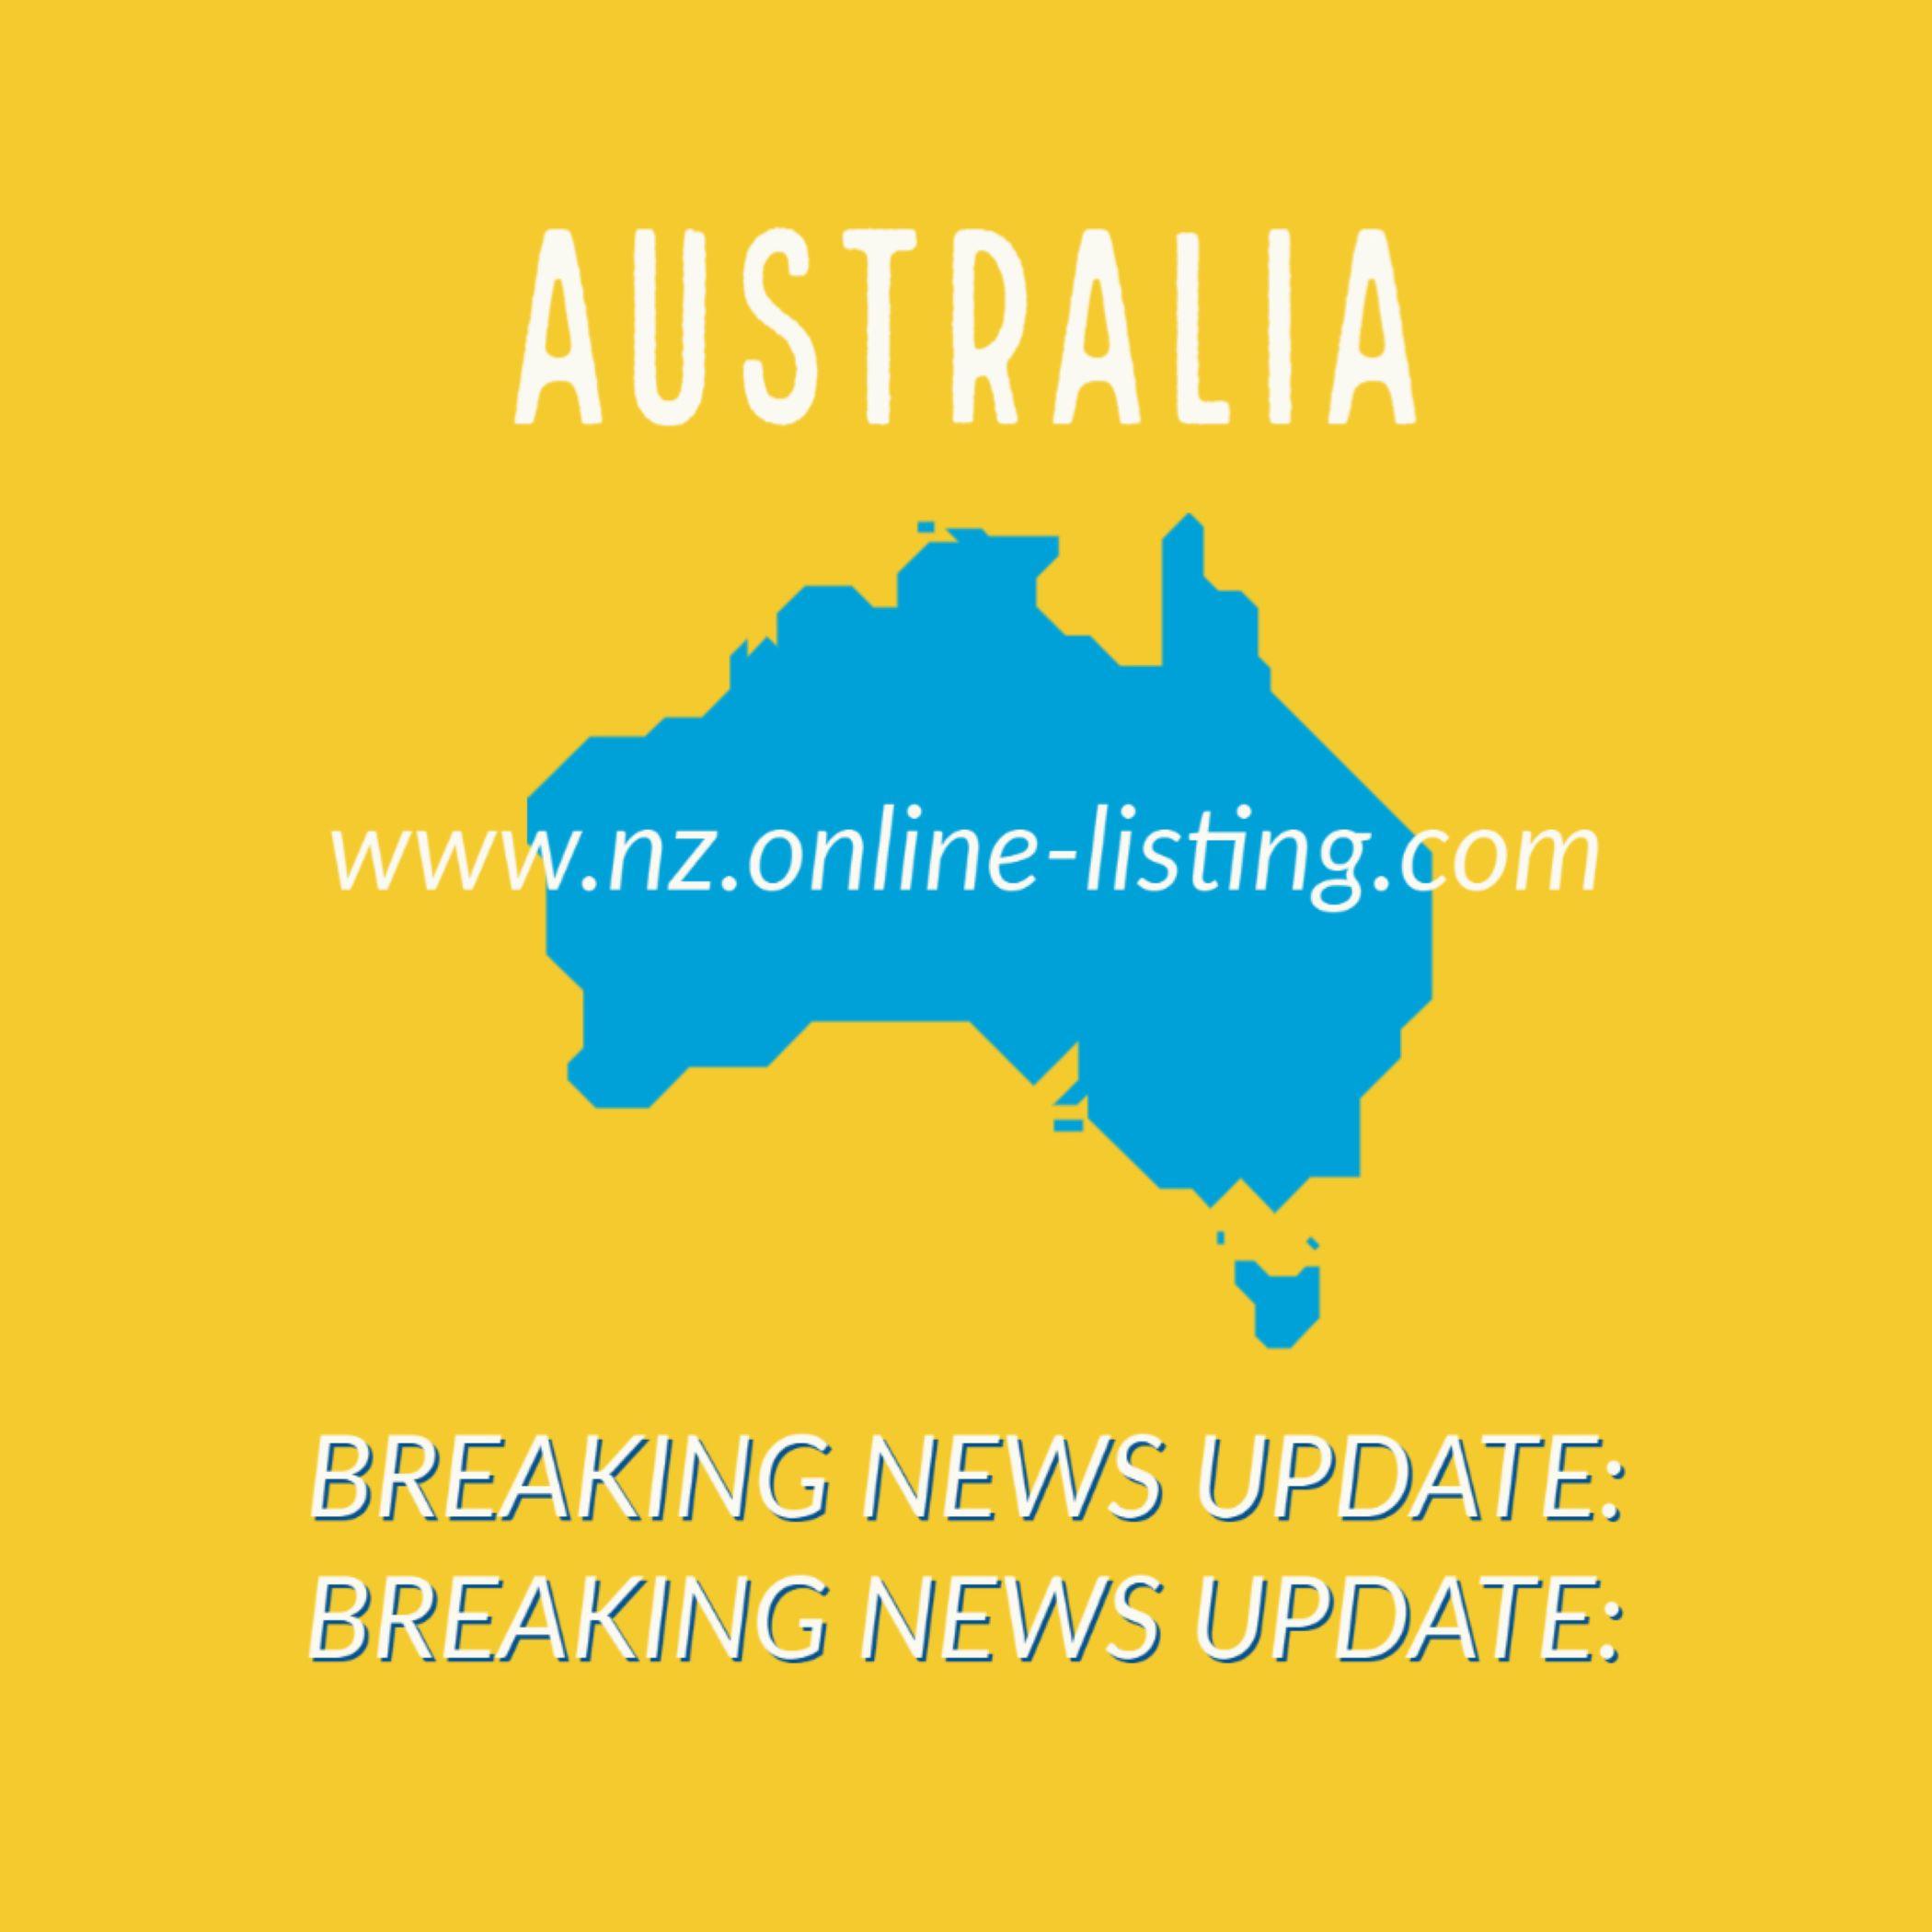 New Zealand Breaking News Update